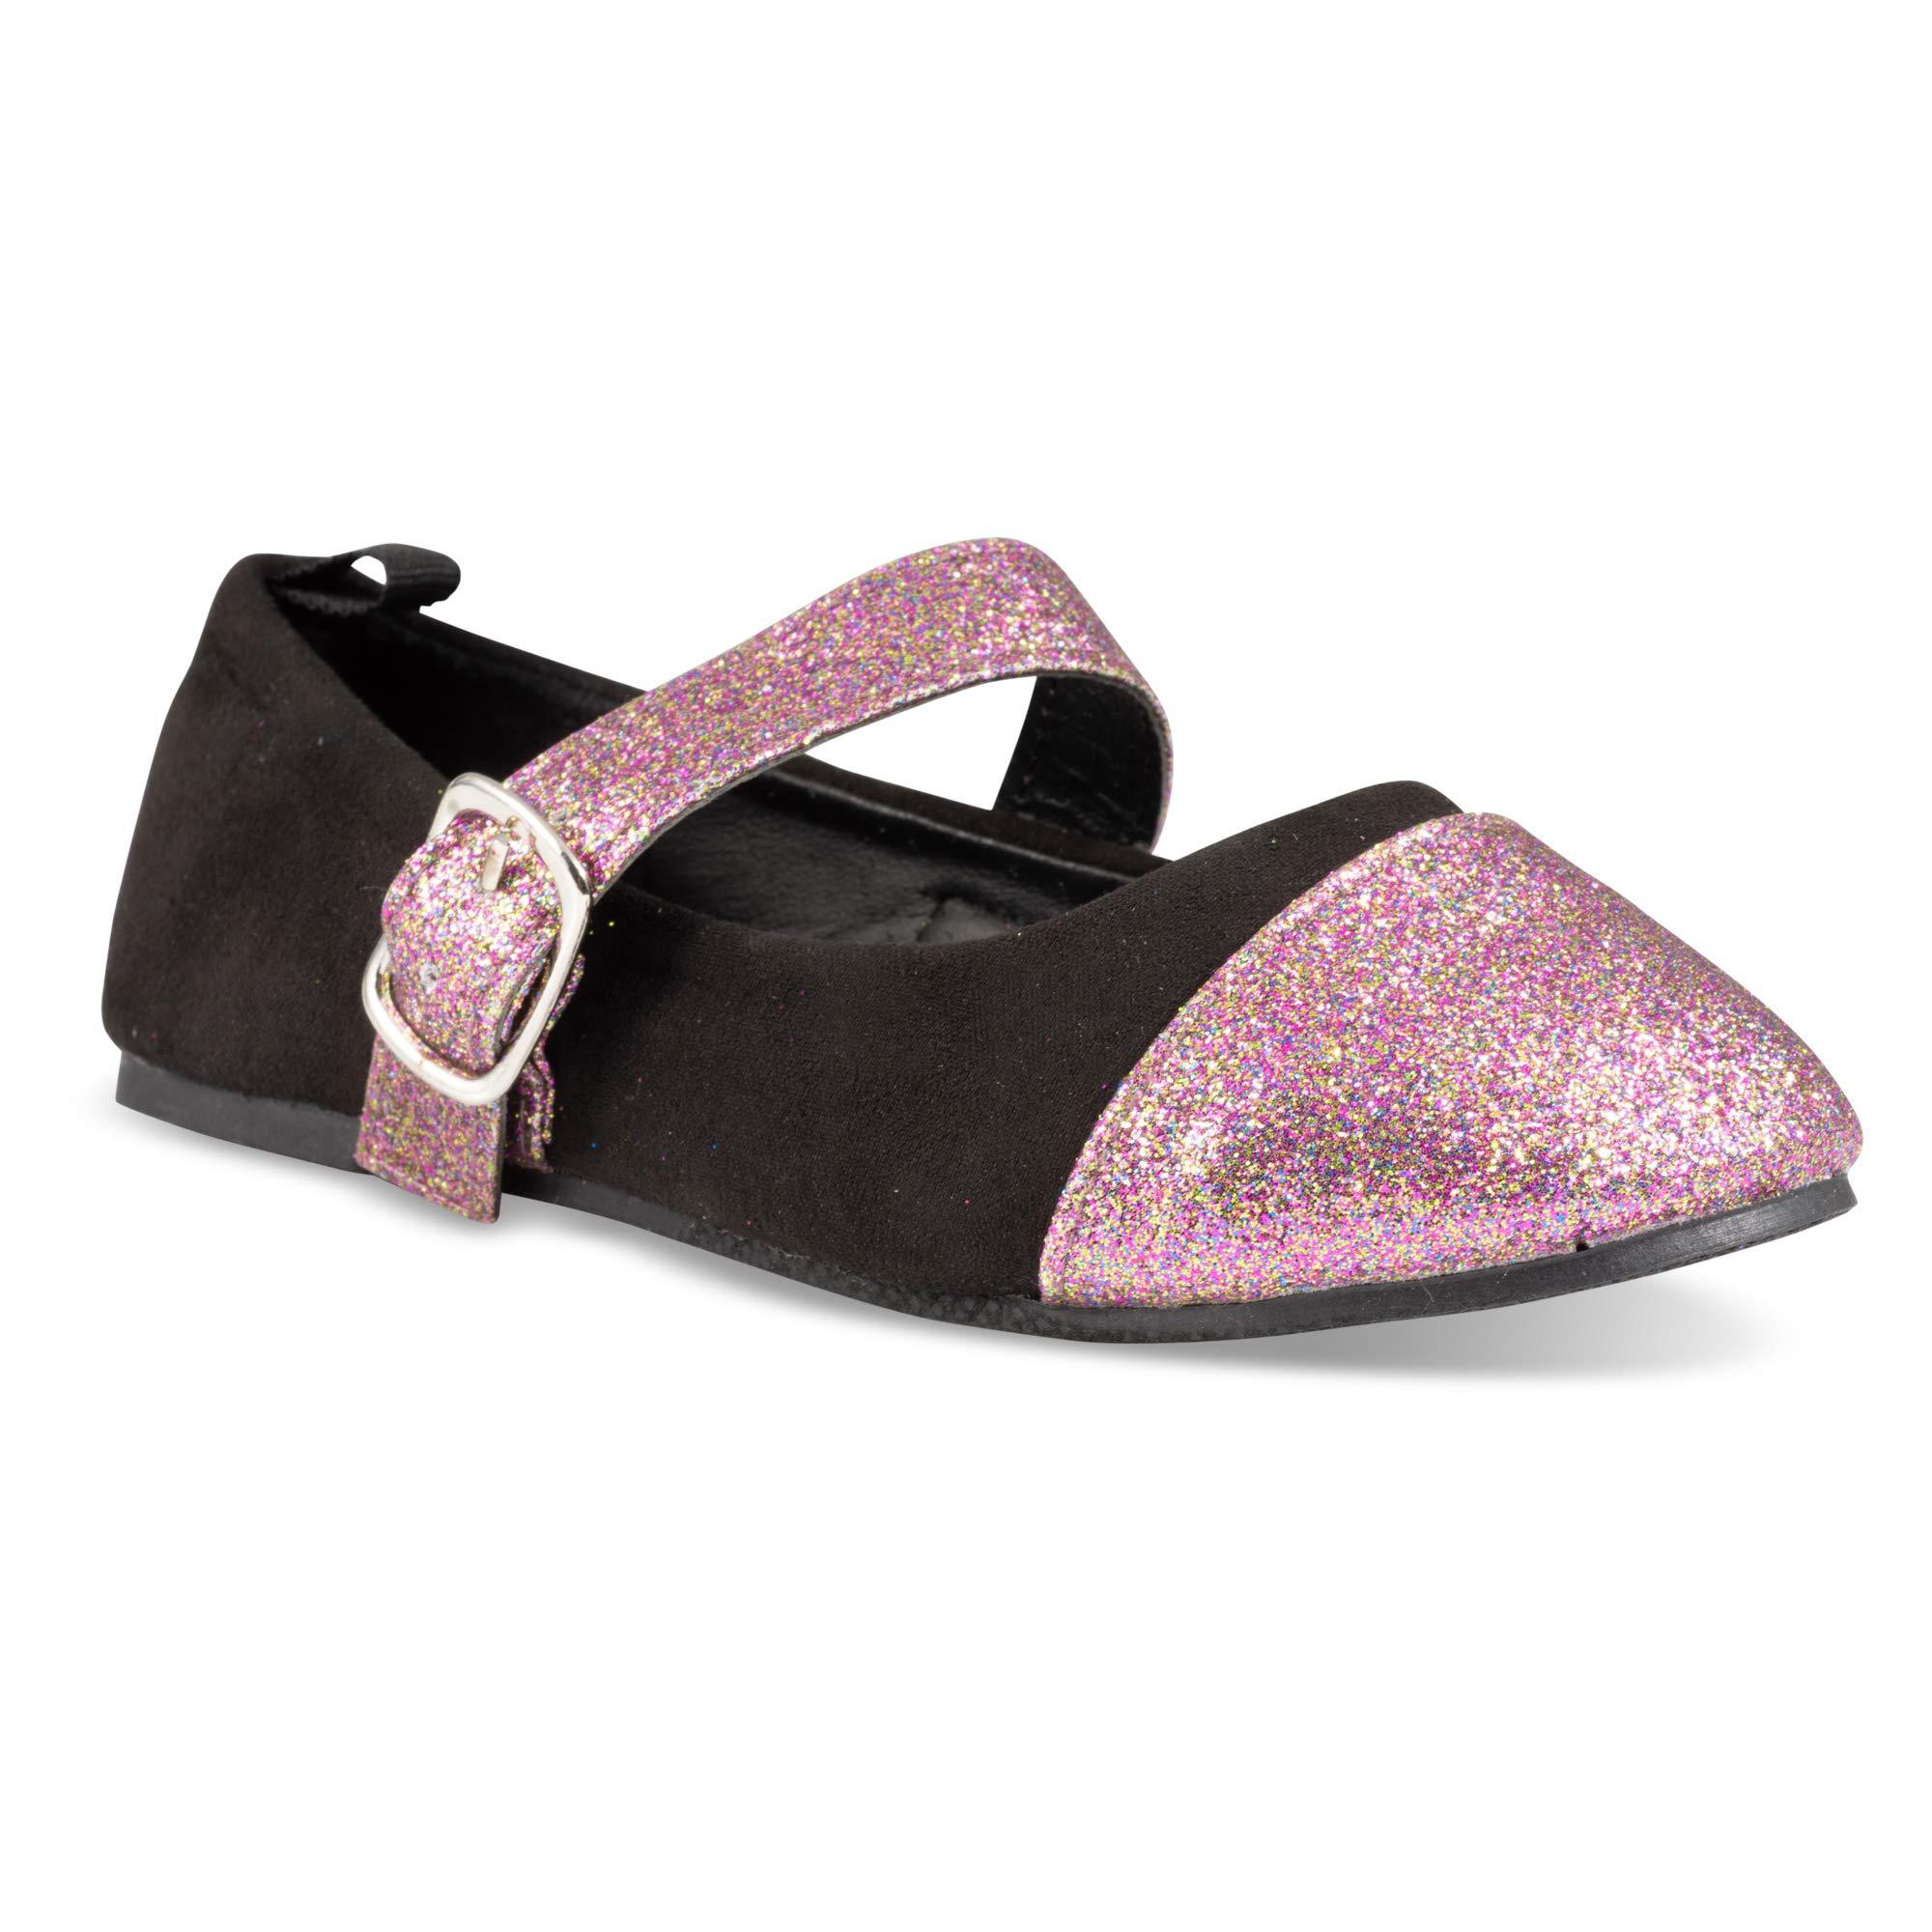 Chillipop Ballerina Flats for Girls, Girls Ballet Flats with Strap